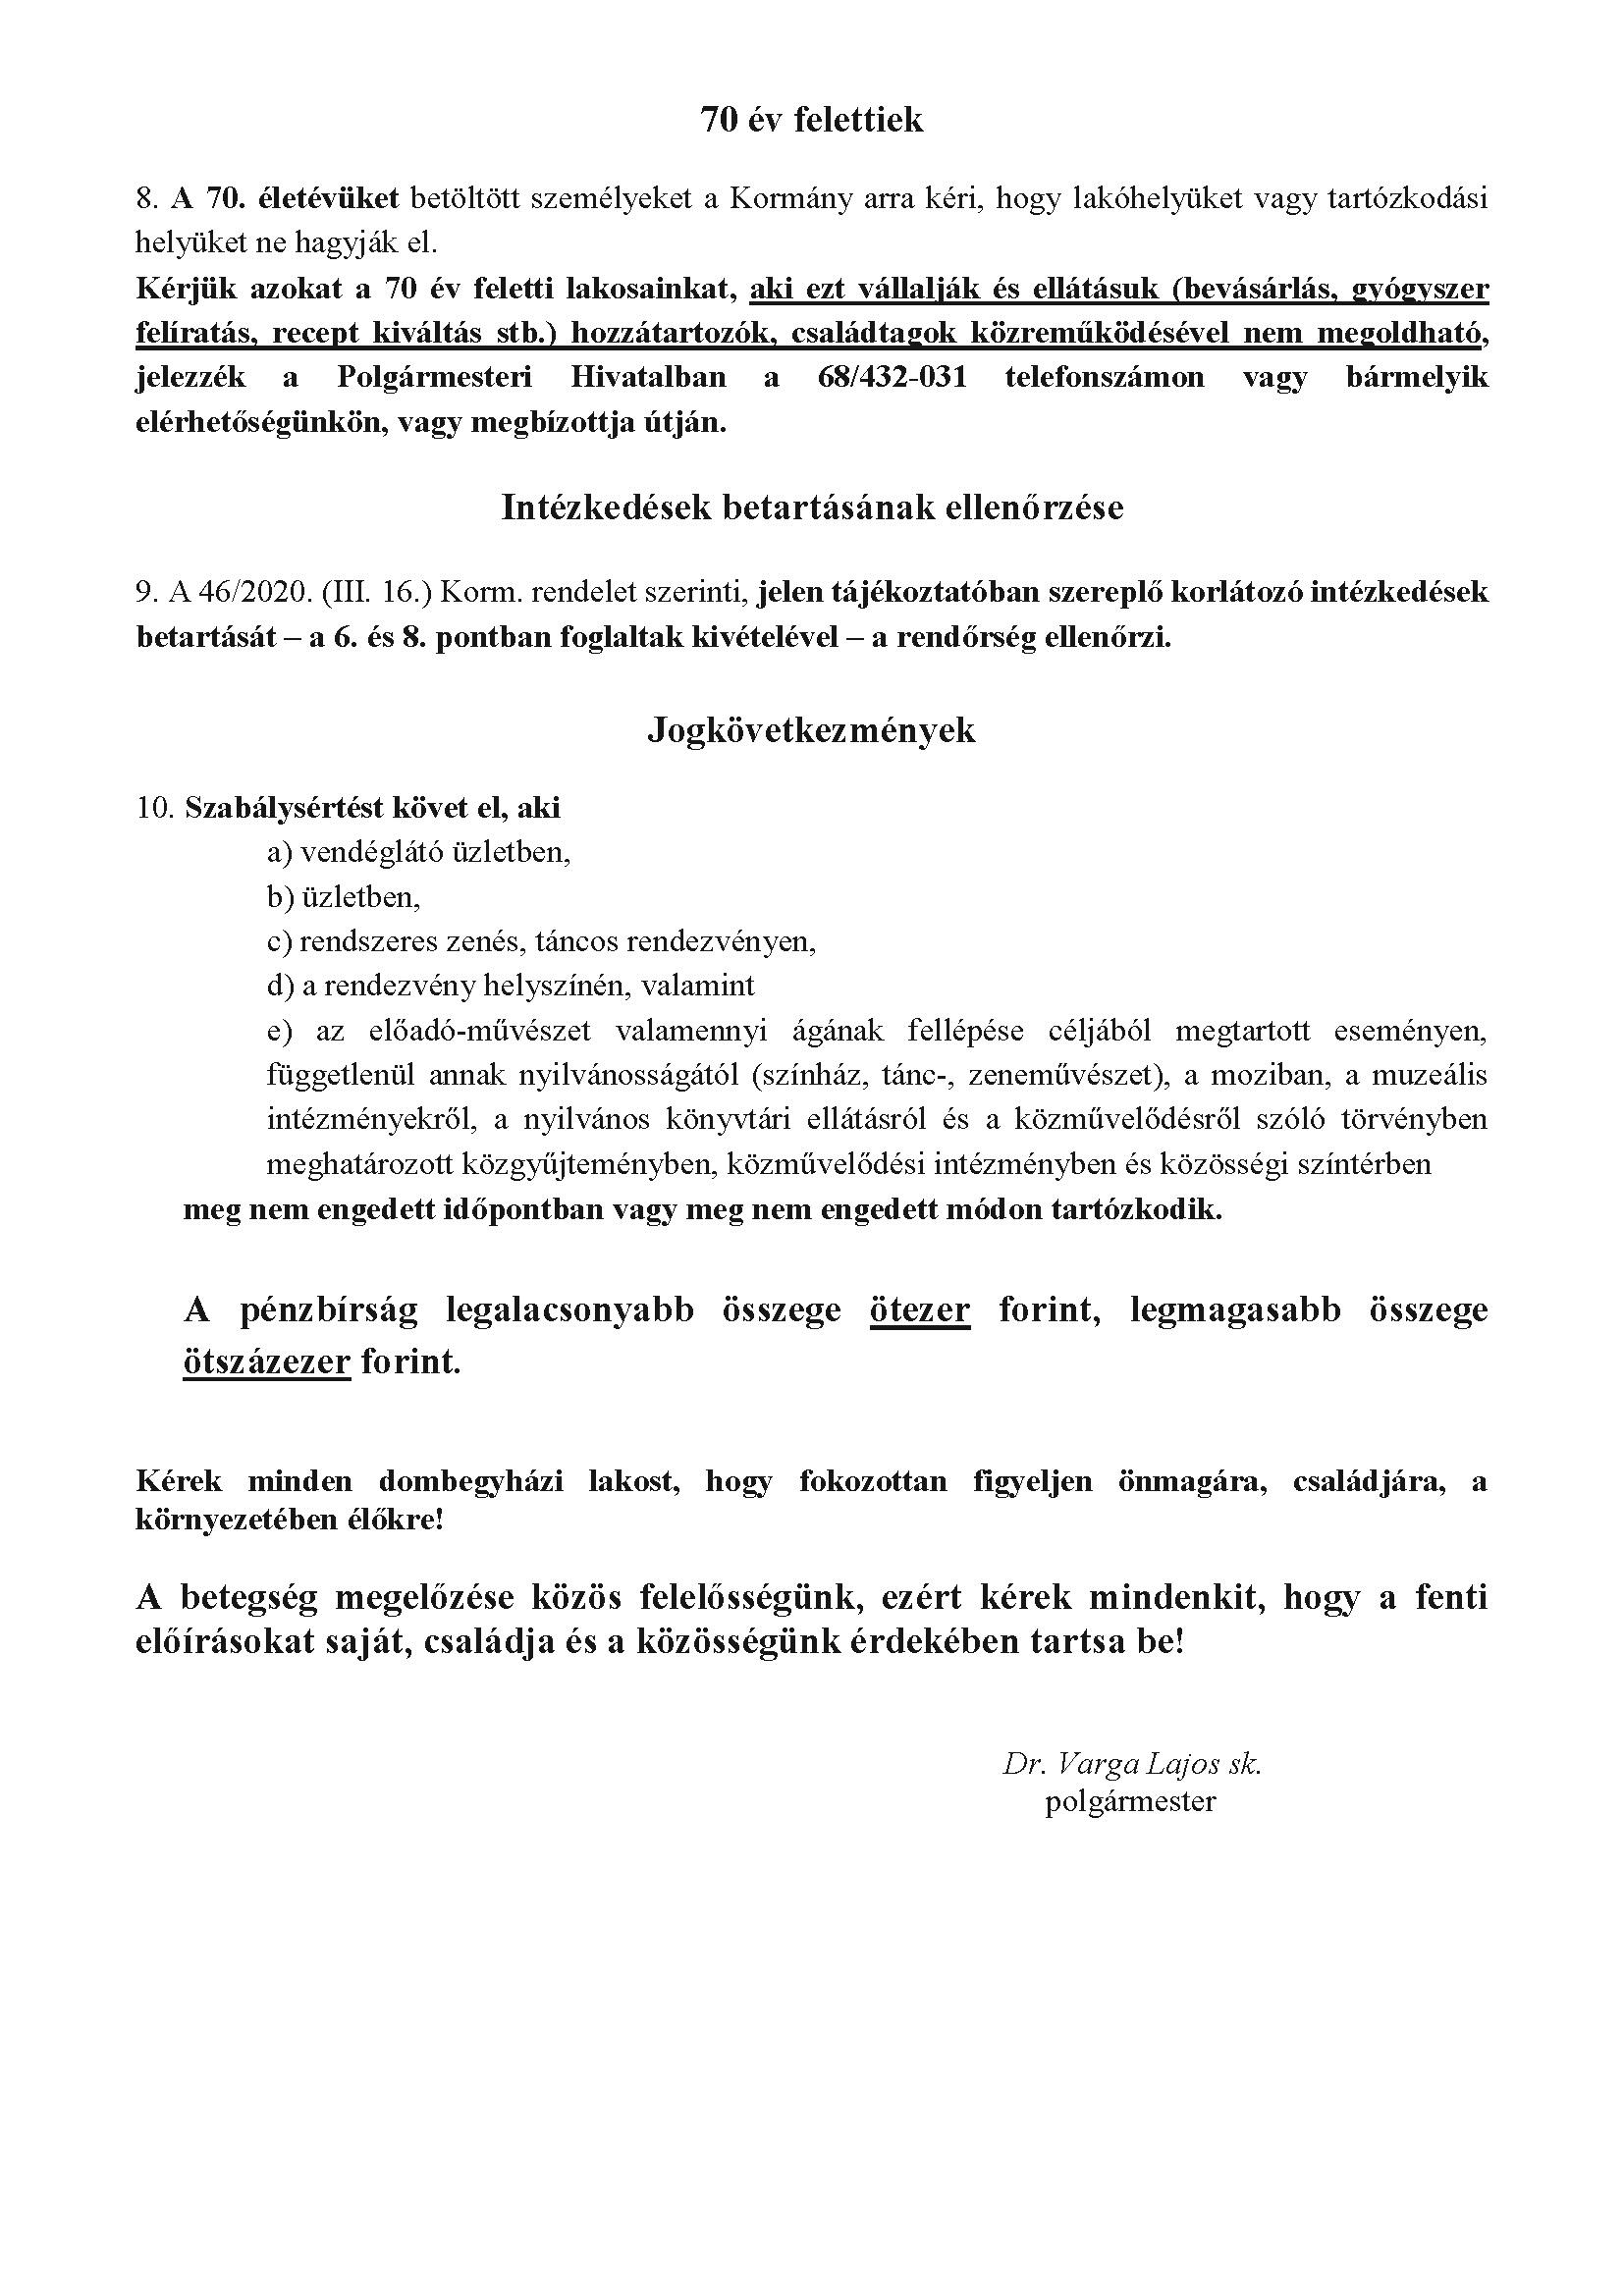 Nemzeti Egészségbiztosítási Alapkezelő - Végleges publikus gyógyászatisegédeszköz-törzs